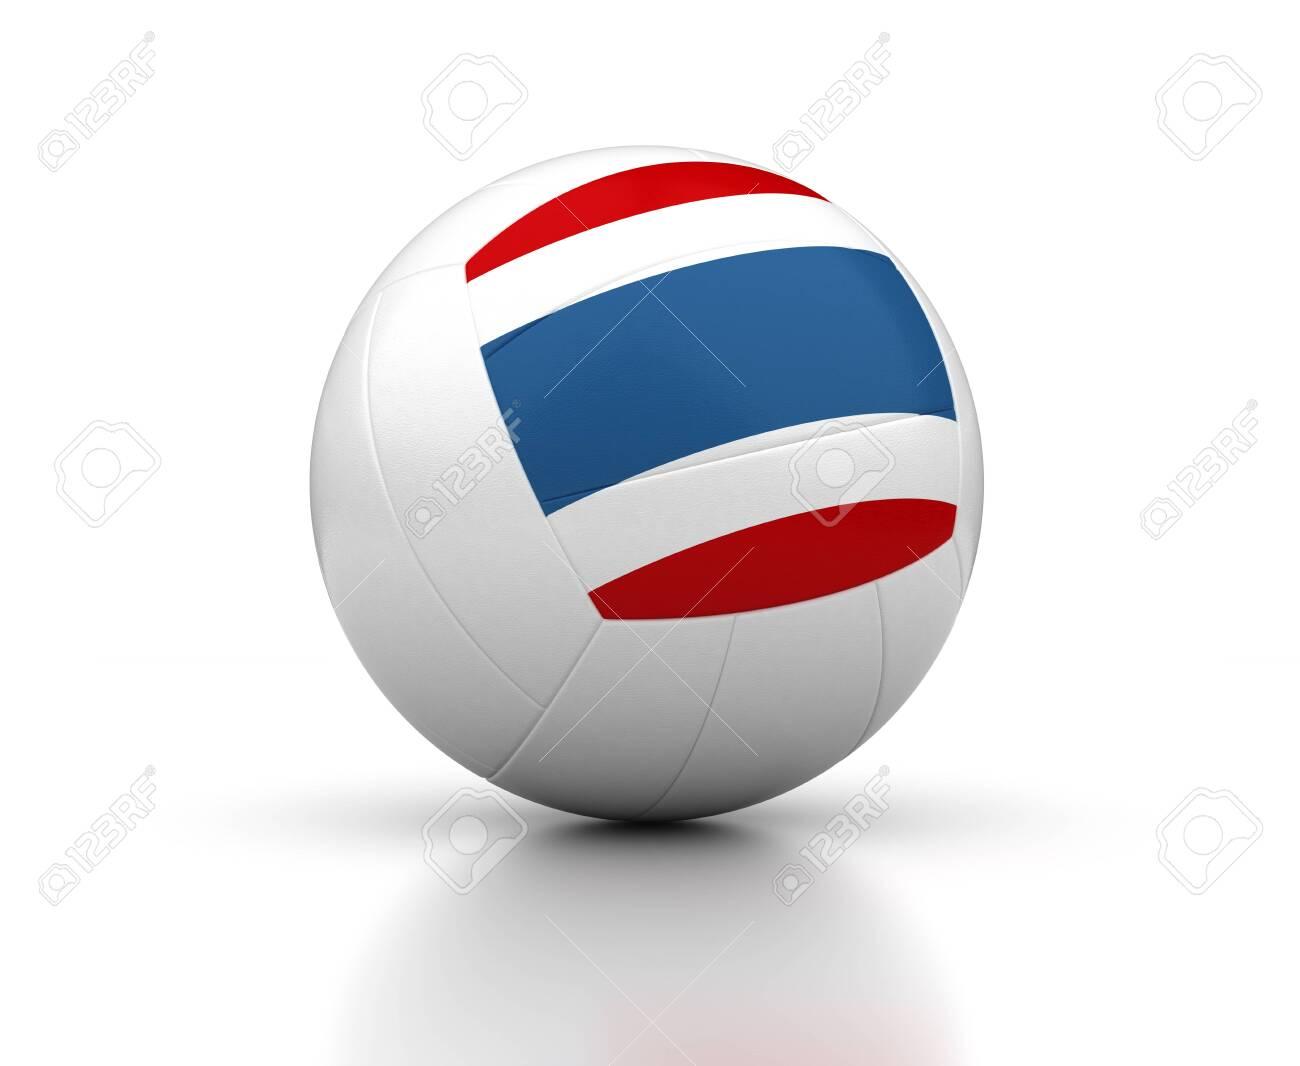 Thailand Volleyball Team - 142619531